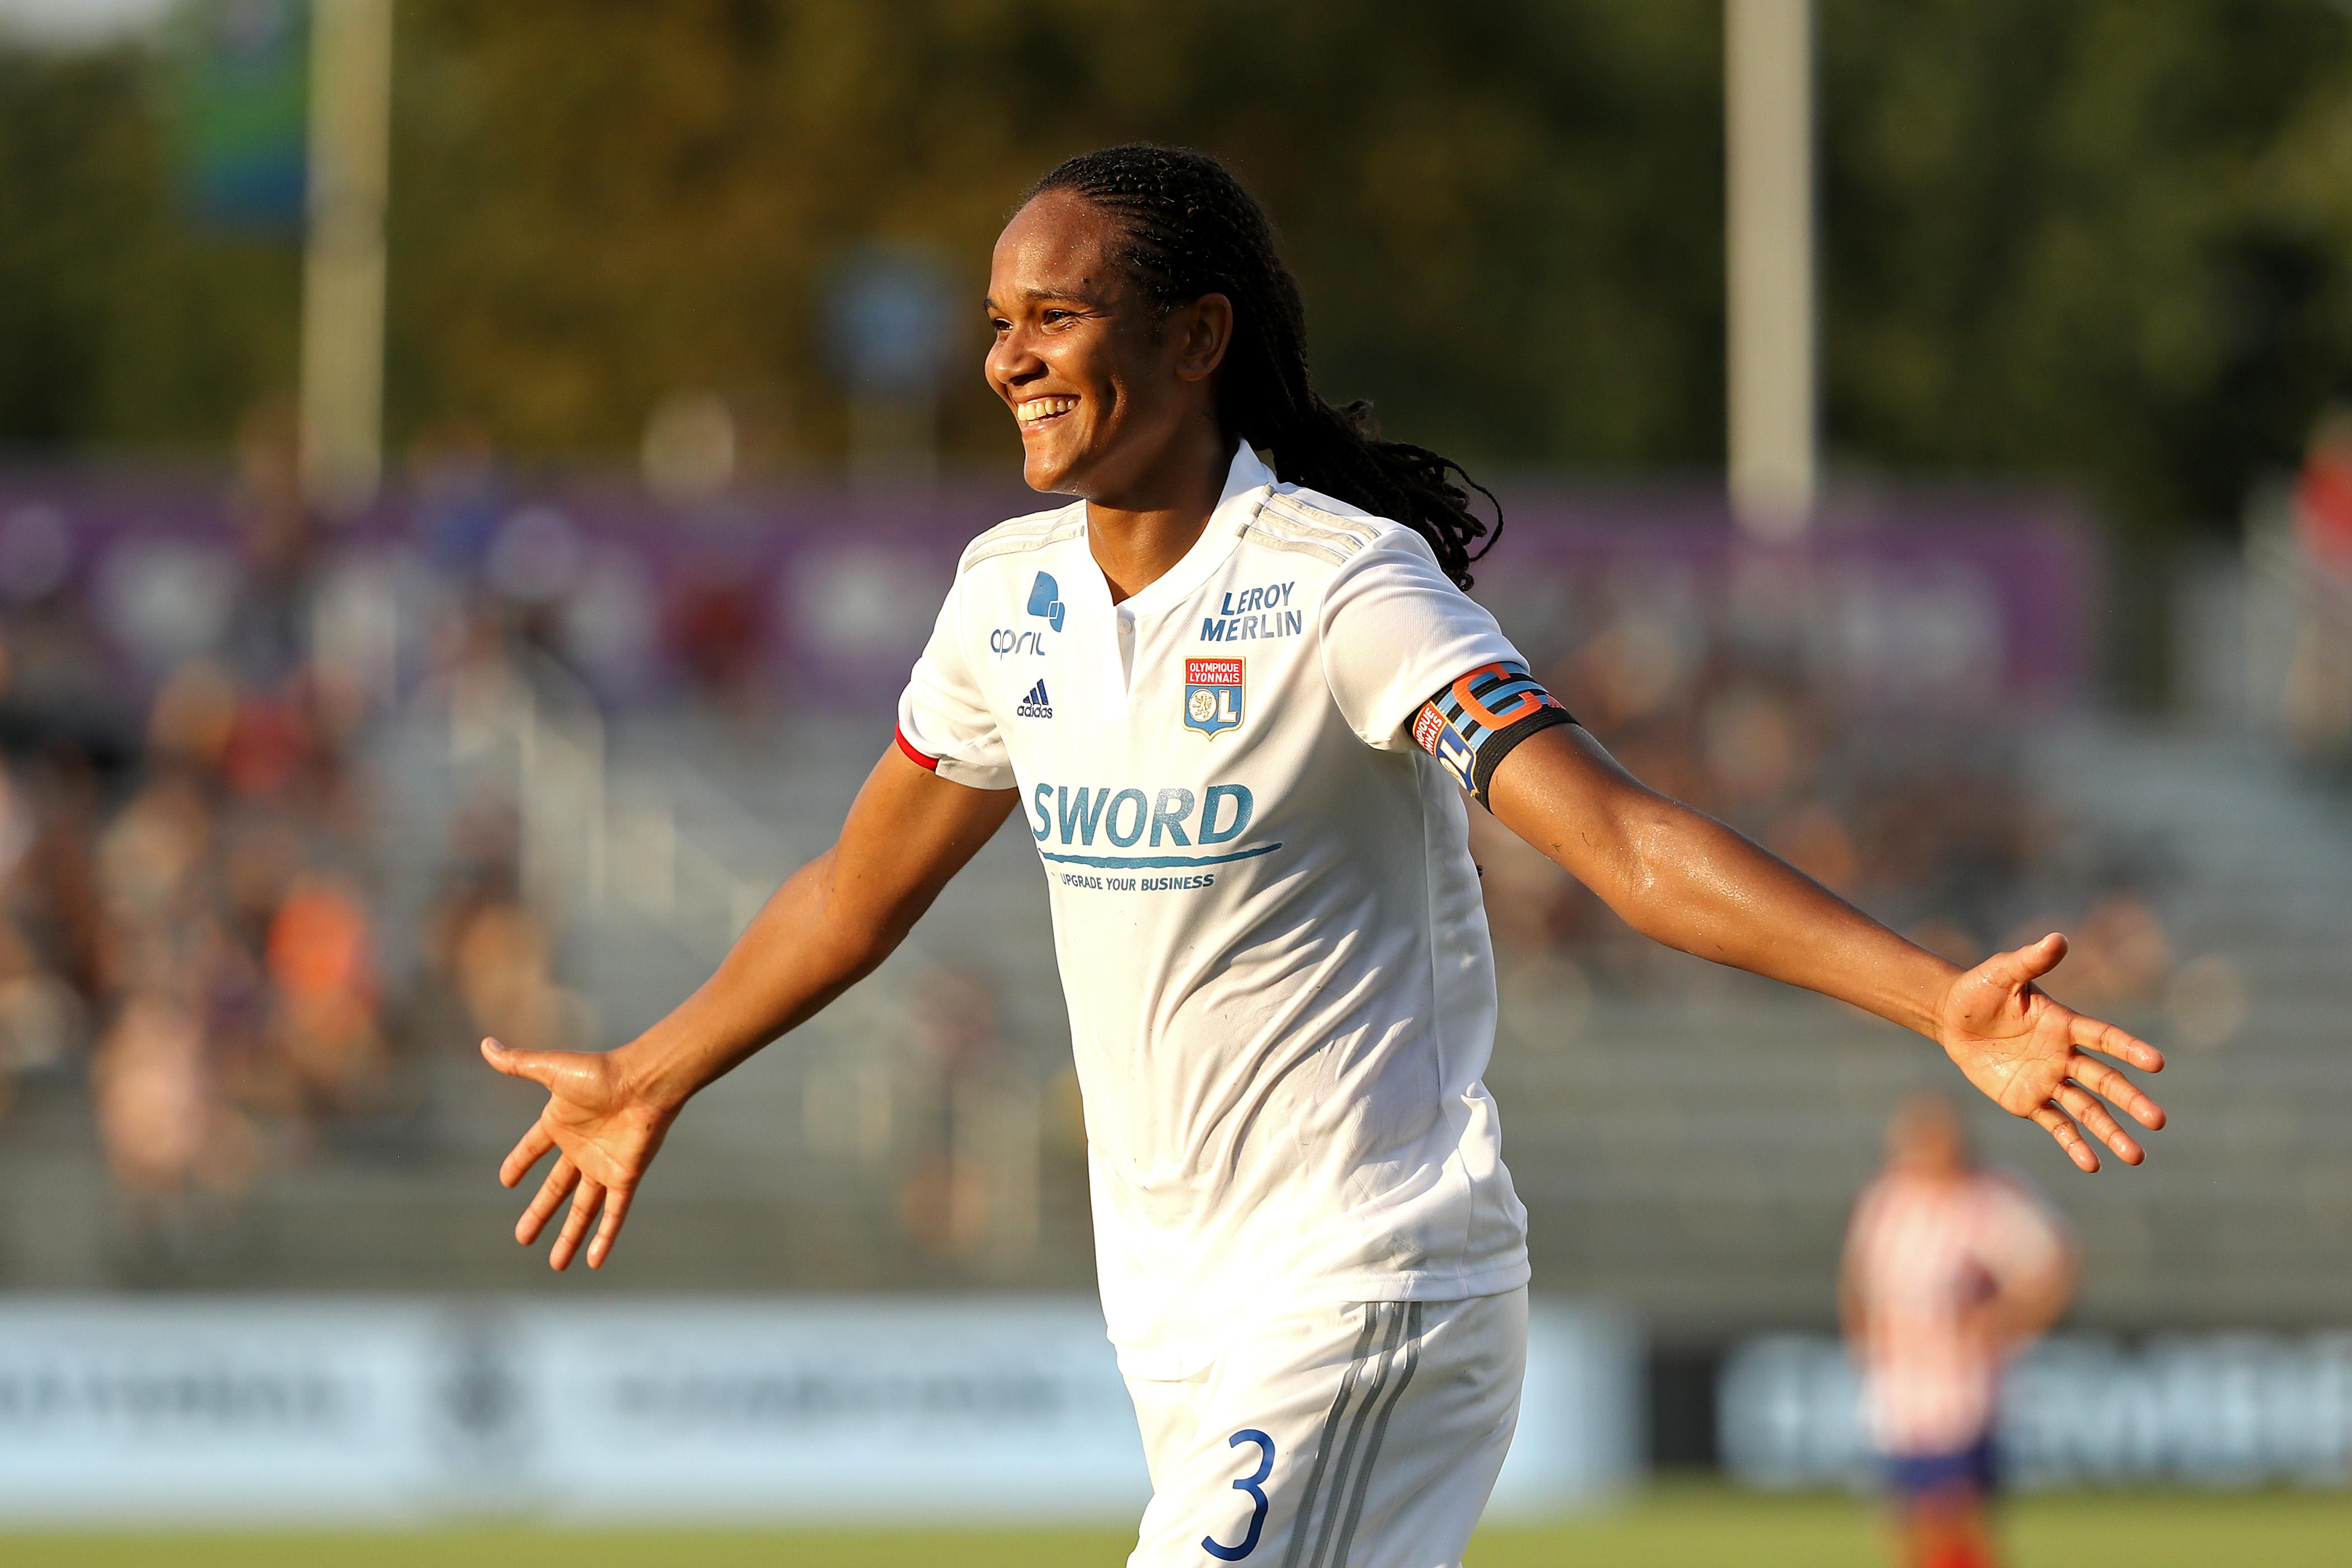 Lyon Feminines v Atletico de Madrid Femenino - 2019 Women's International Champions Cup